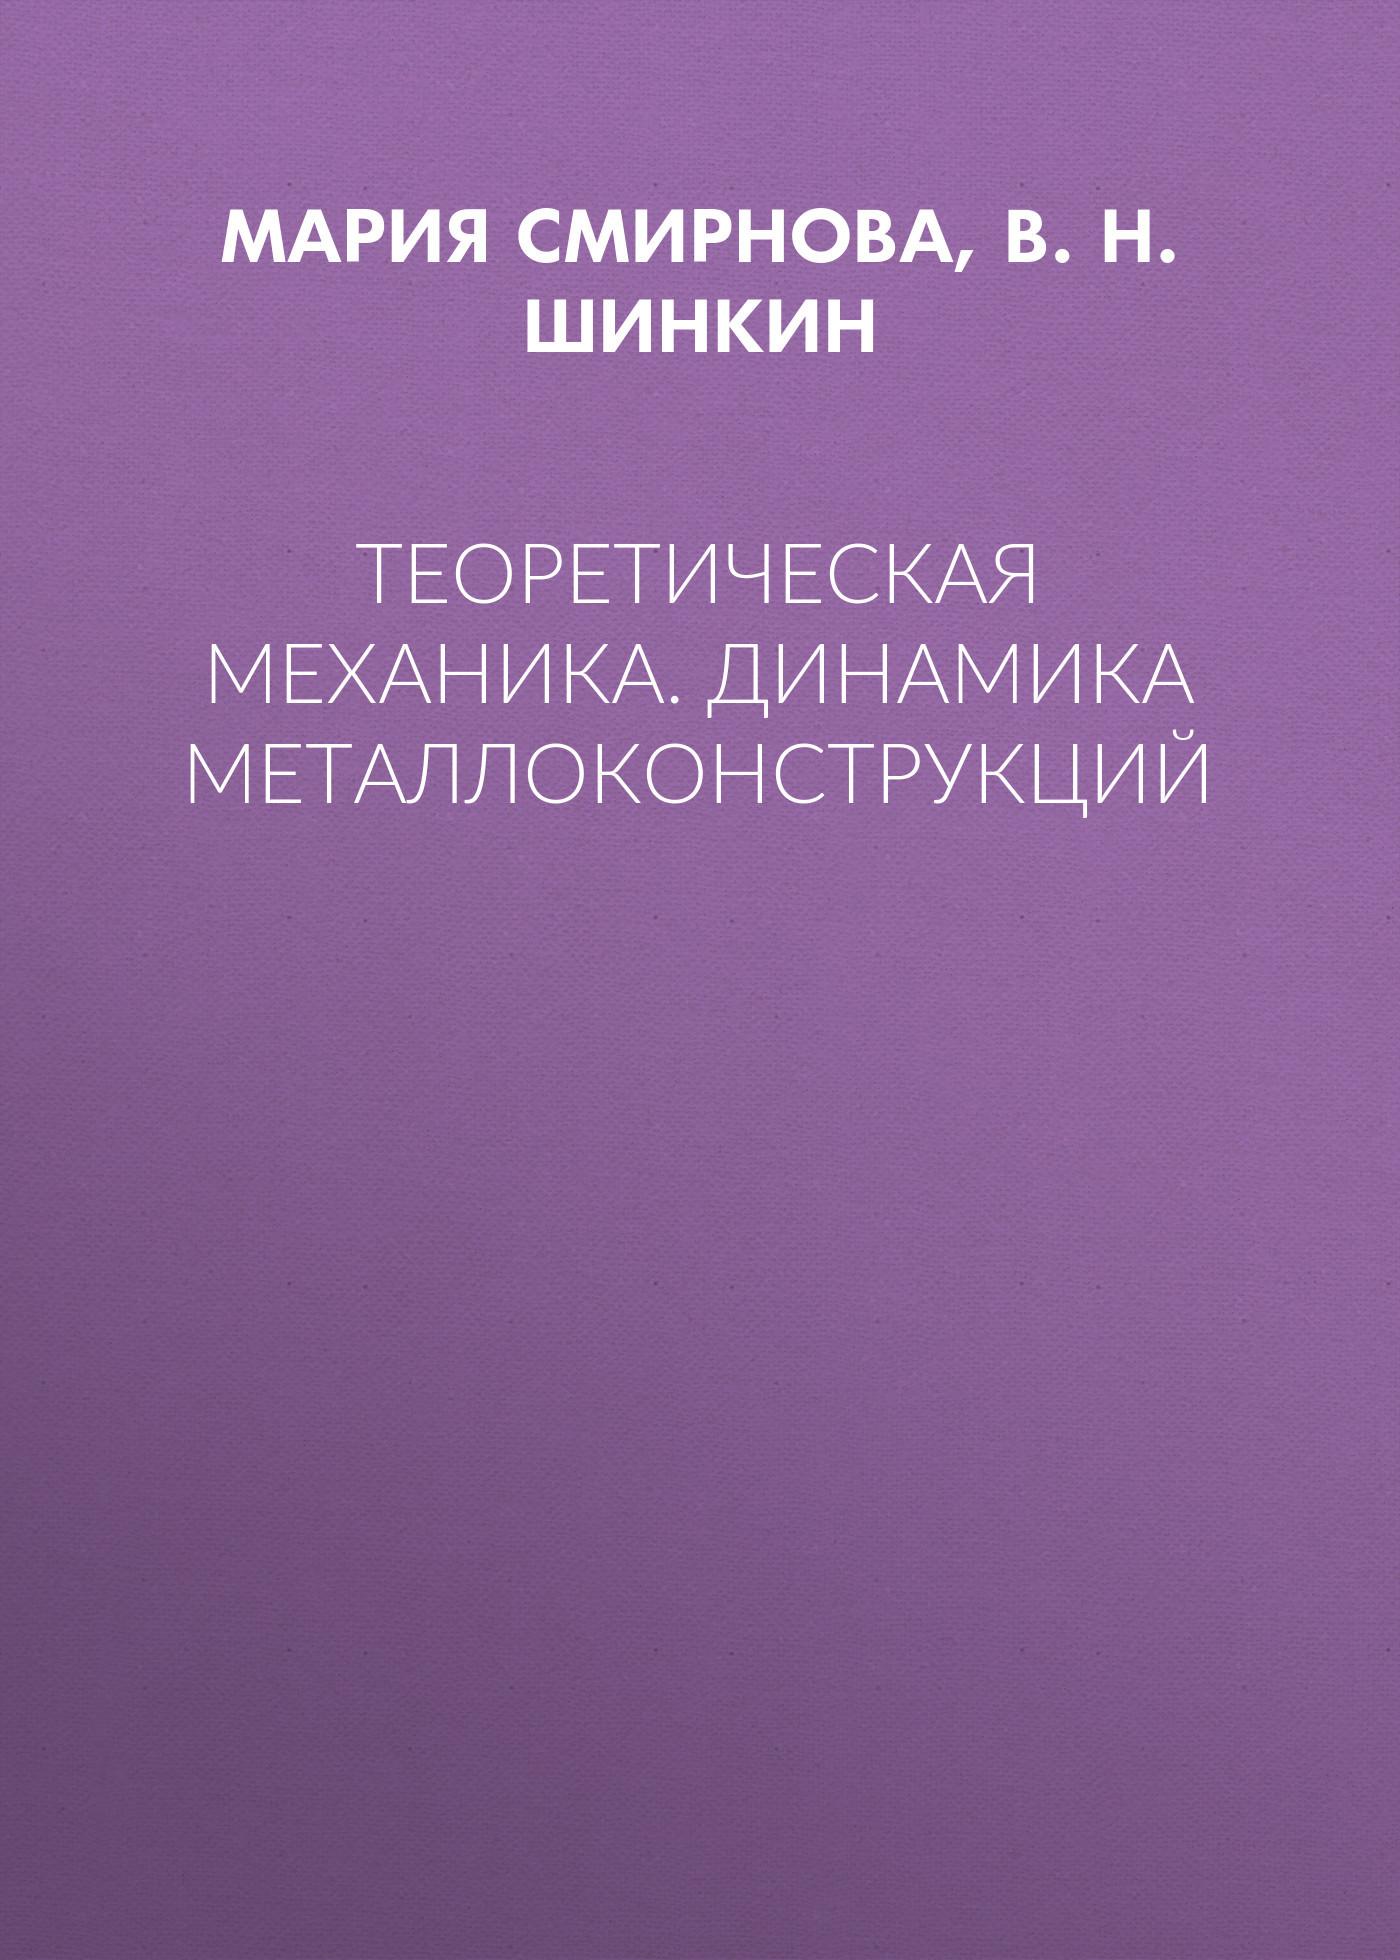 В. Н. Шинкин Теоретическая механика. Динамика металлоконструкций уиттекер э т аналитическая динамика перевод с английского